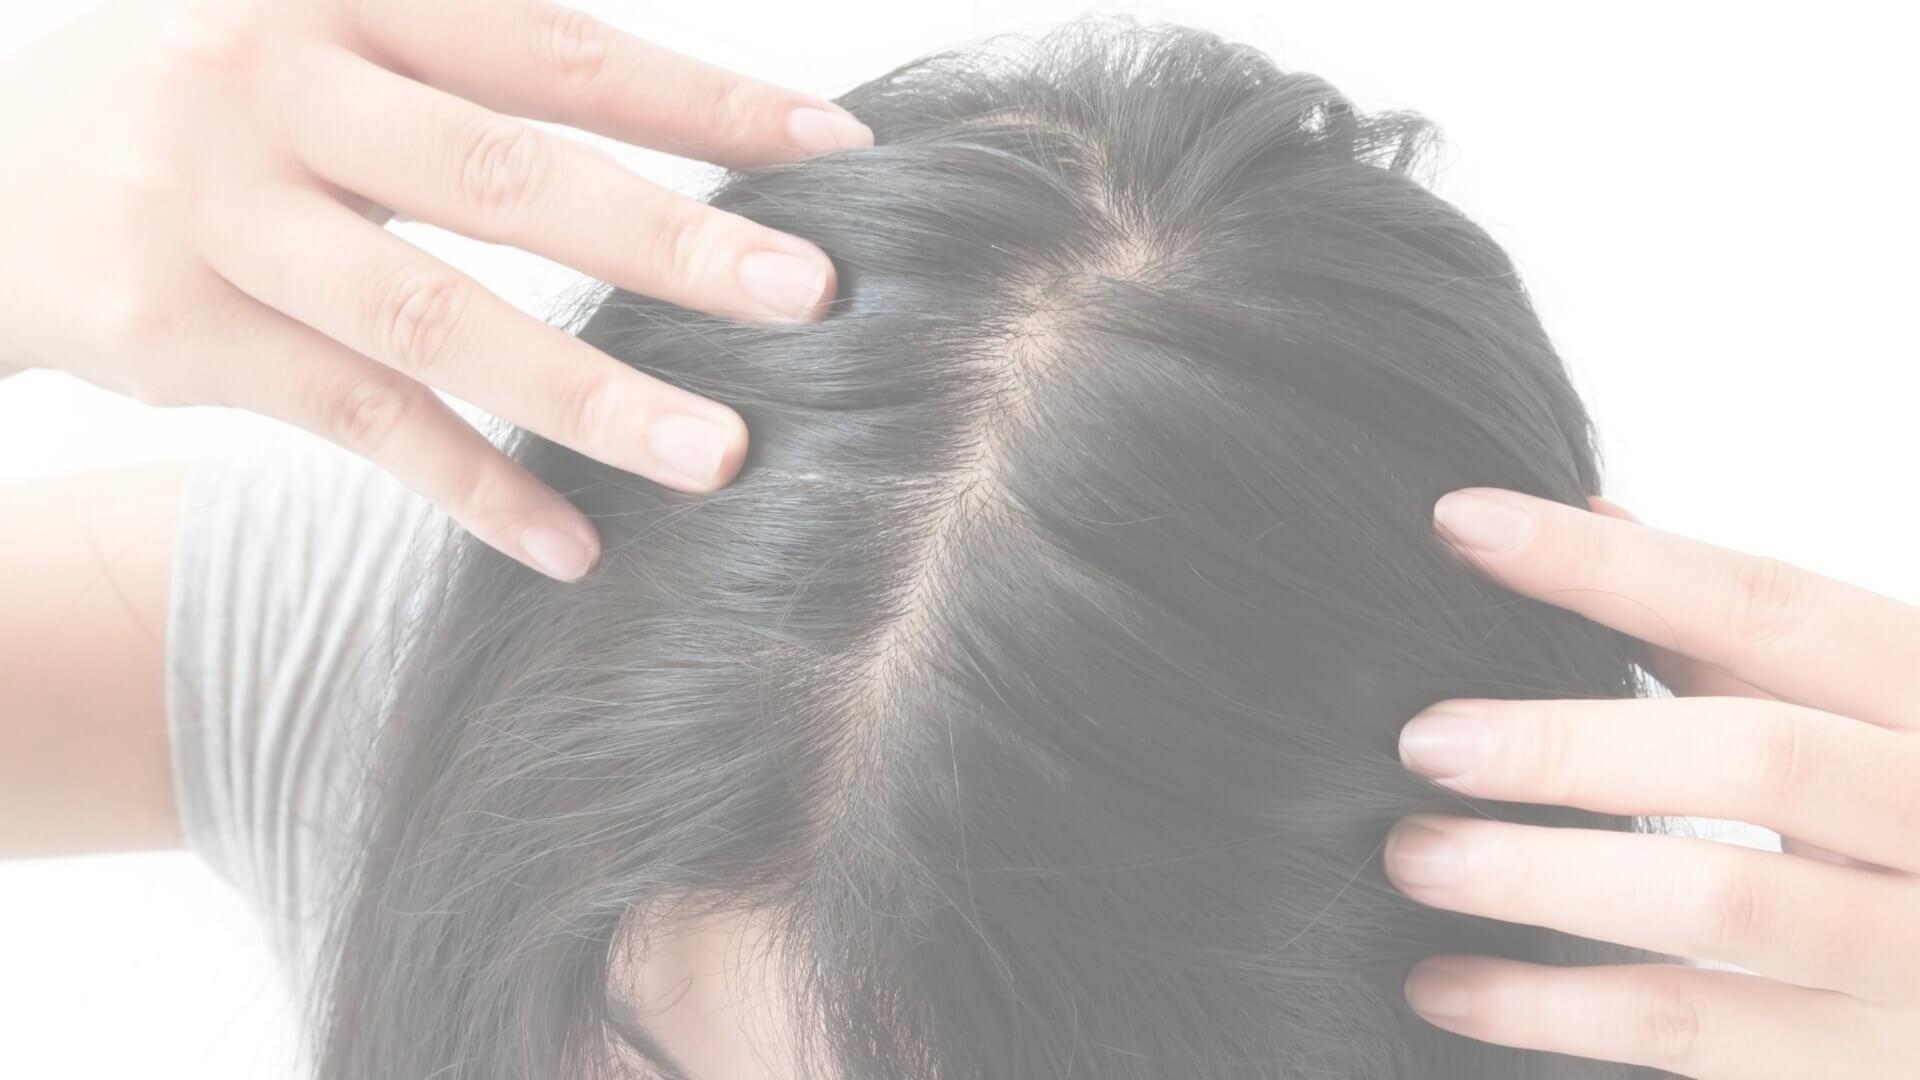 rodzaje łysienia ukobiet iumężczyzn